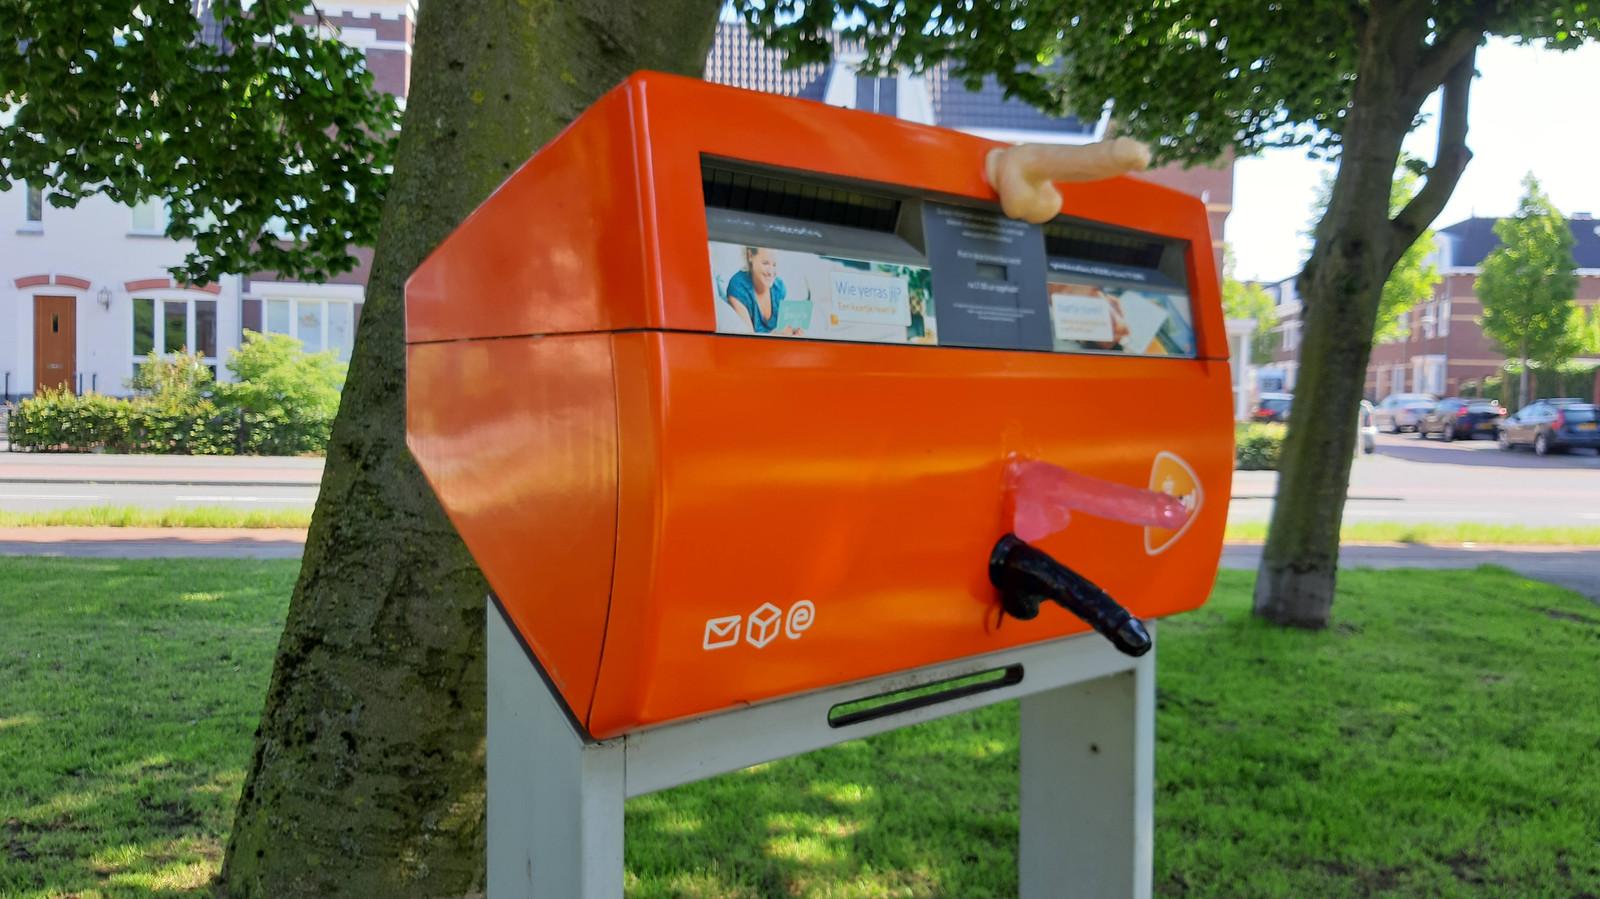 Dildo's op de brievenbus aan de Weurtseweg.